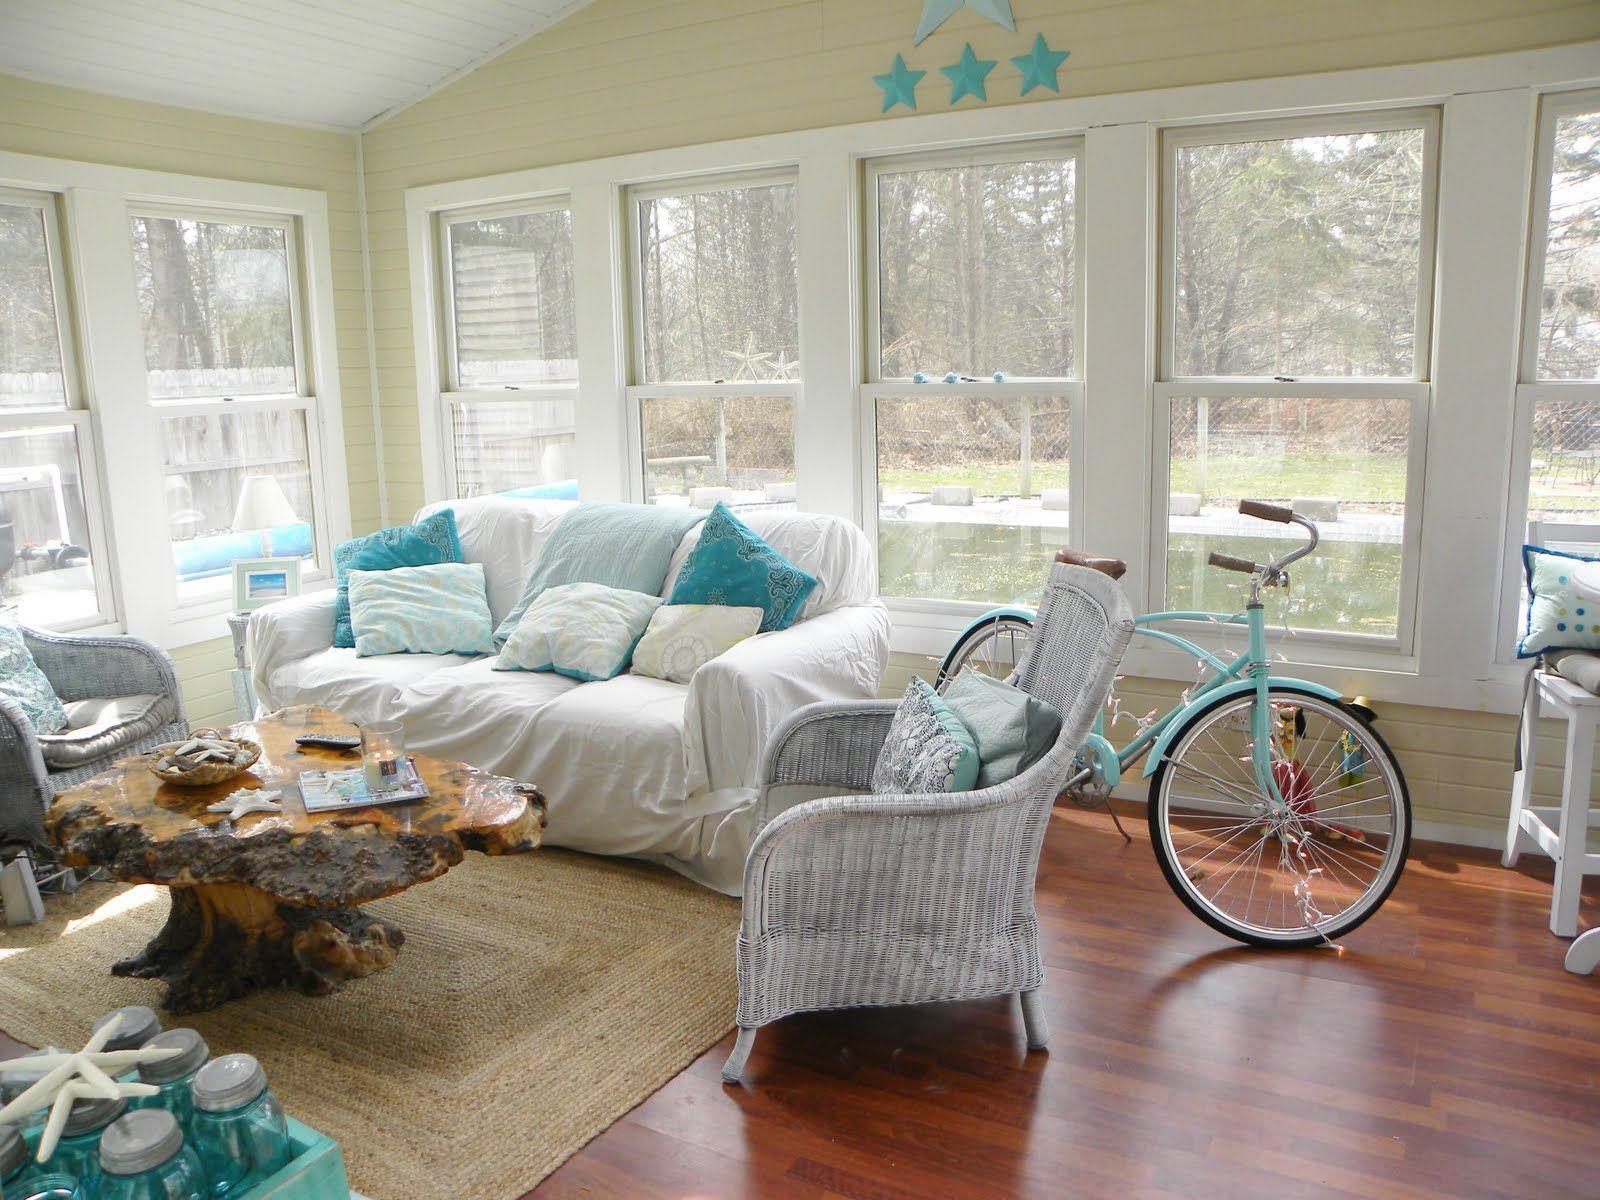 Wonderful simple rattan sunroom decorating ideas